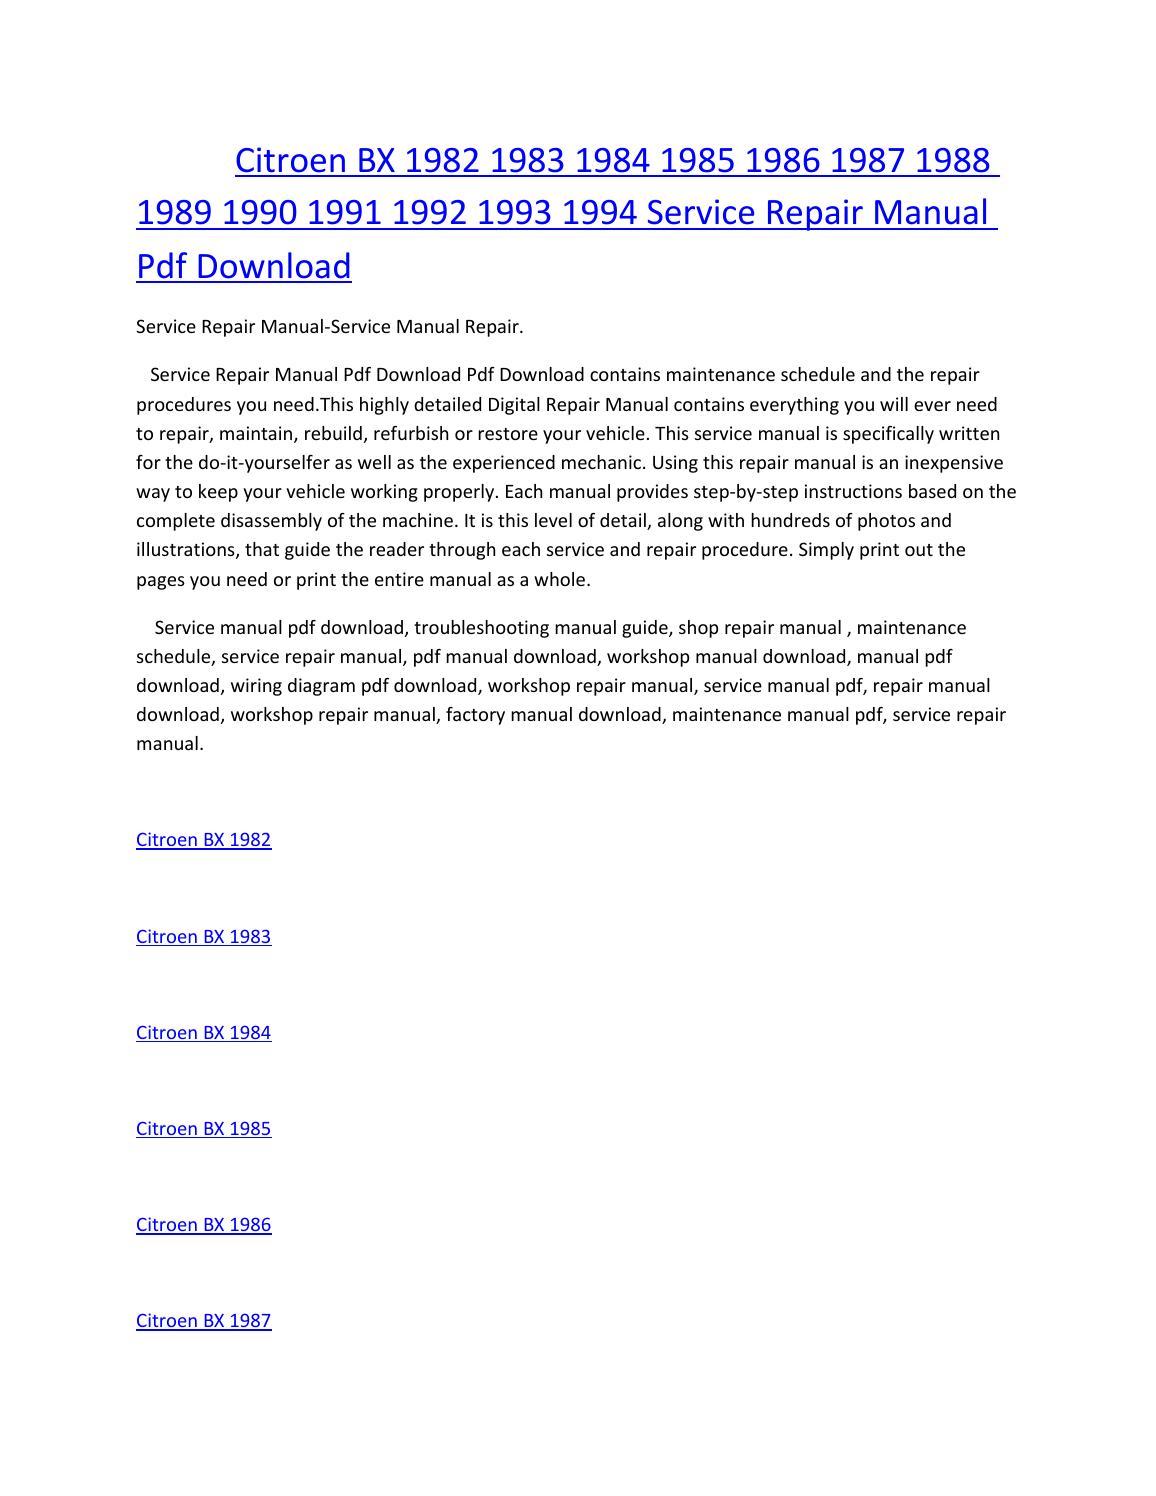 Manualguide Citroen Bx Service Manual Wiring Diagram 1982 1983 1984 1985 1986 1987 1988 1989 1990 1991 1992 Rh Issuu Com